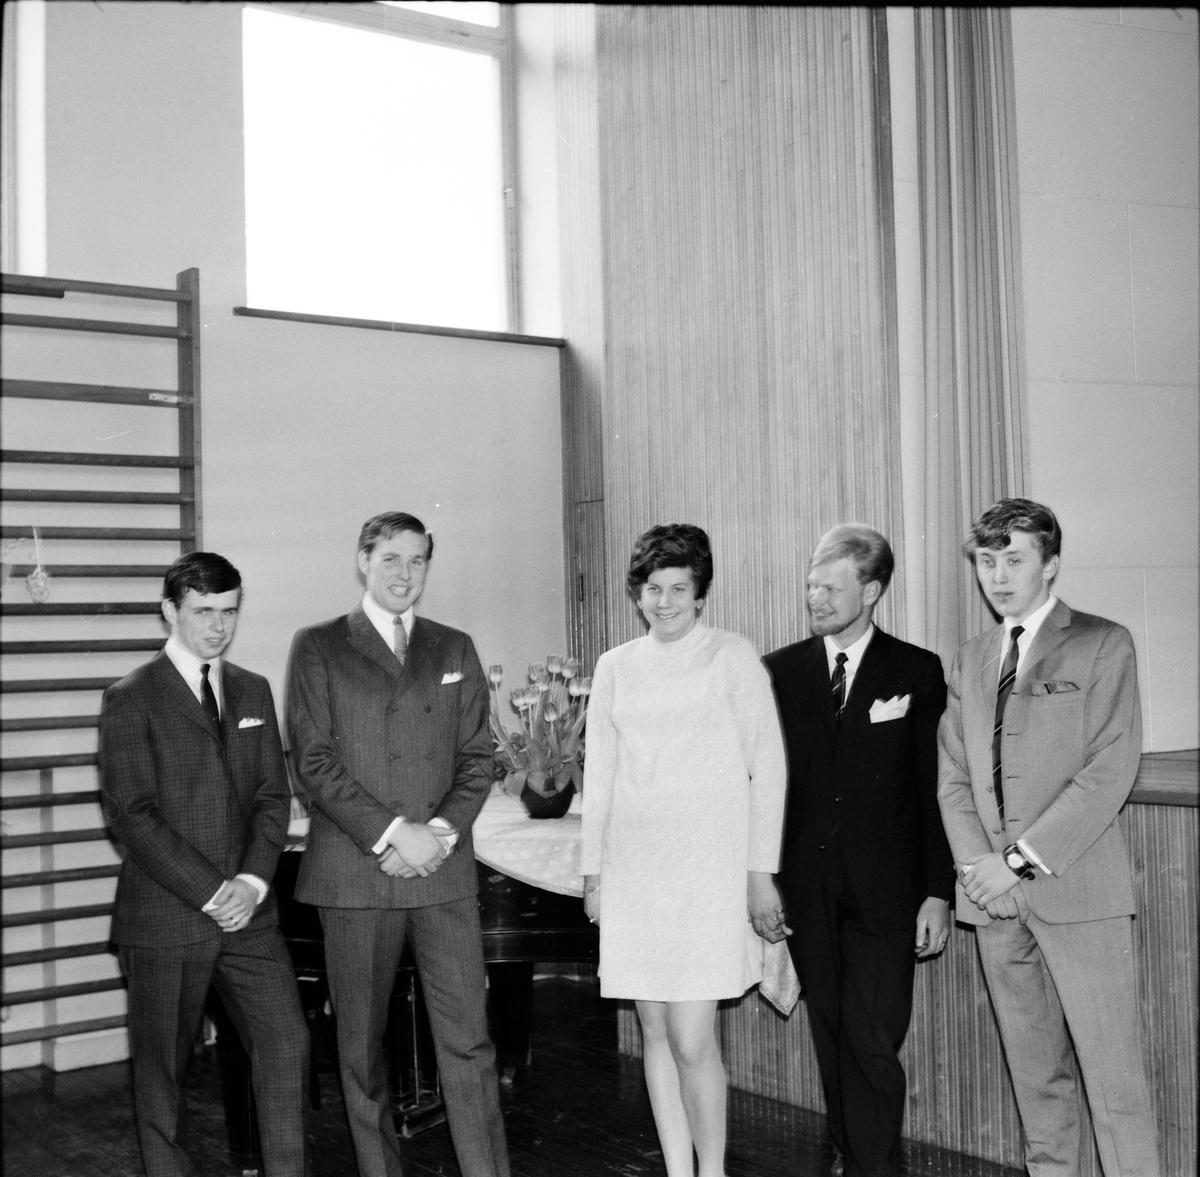 Arbrå, Kamratfest på Nytorp, 20 April 1968